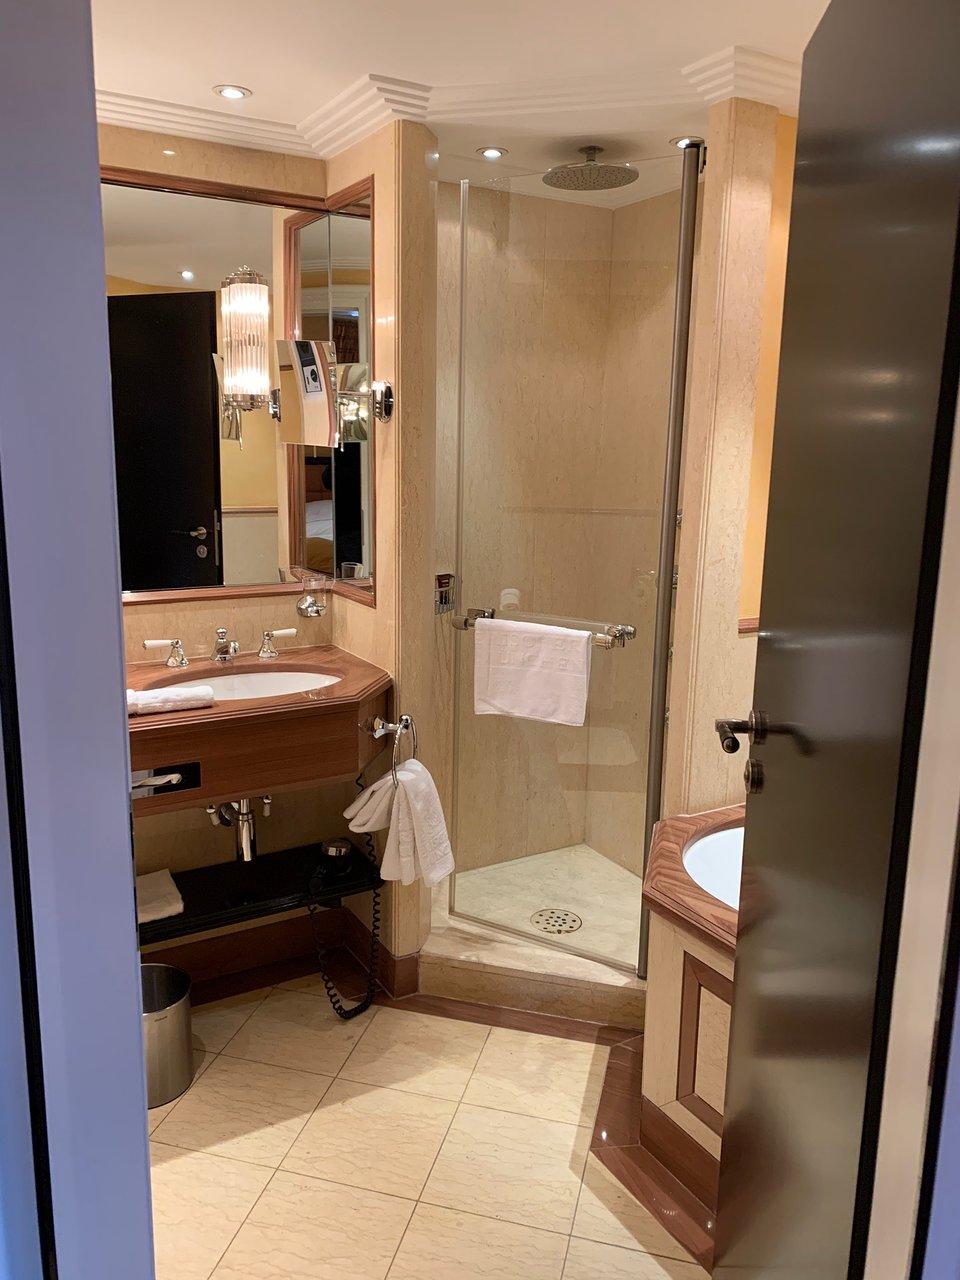 BAYERISCHER HOF HOTEL Updated 2020 Prices & Reviews